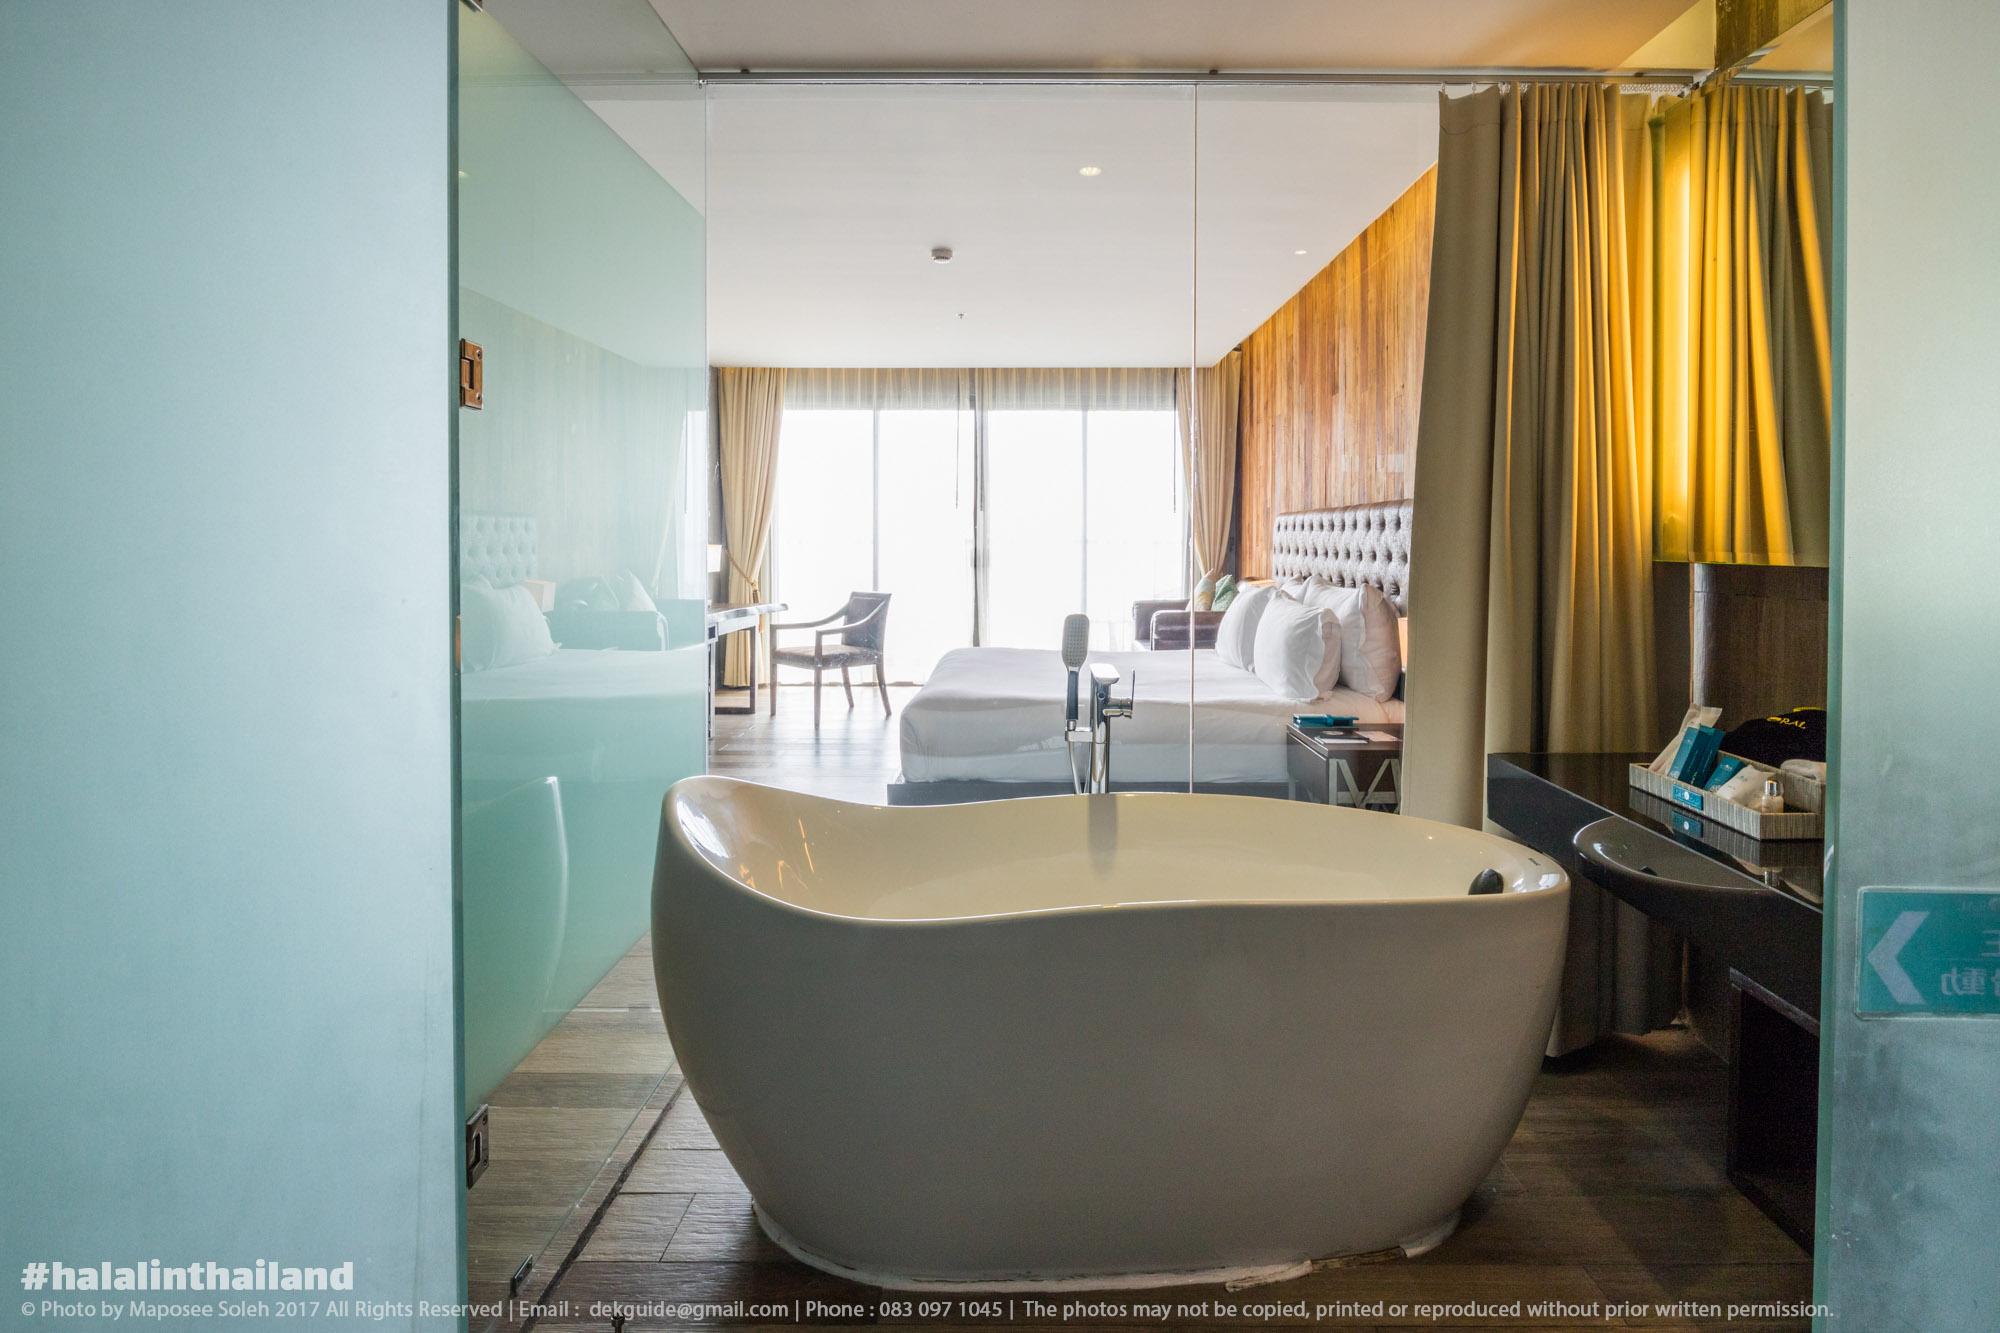 โรงแรม เลอ คอรัล ไฮด์อเวย์ บียอนด์ ภูเก็ต